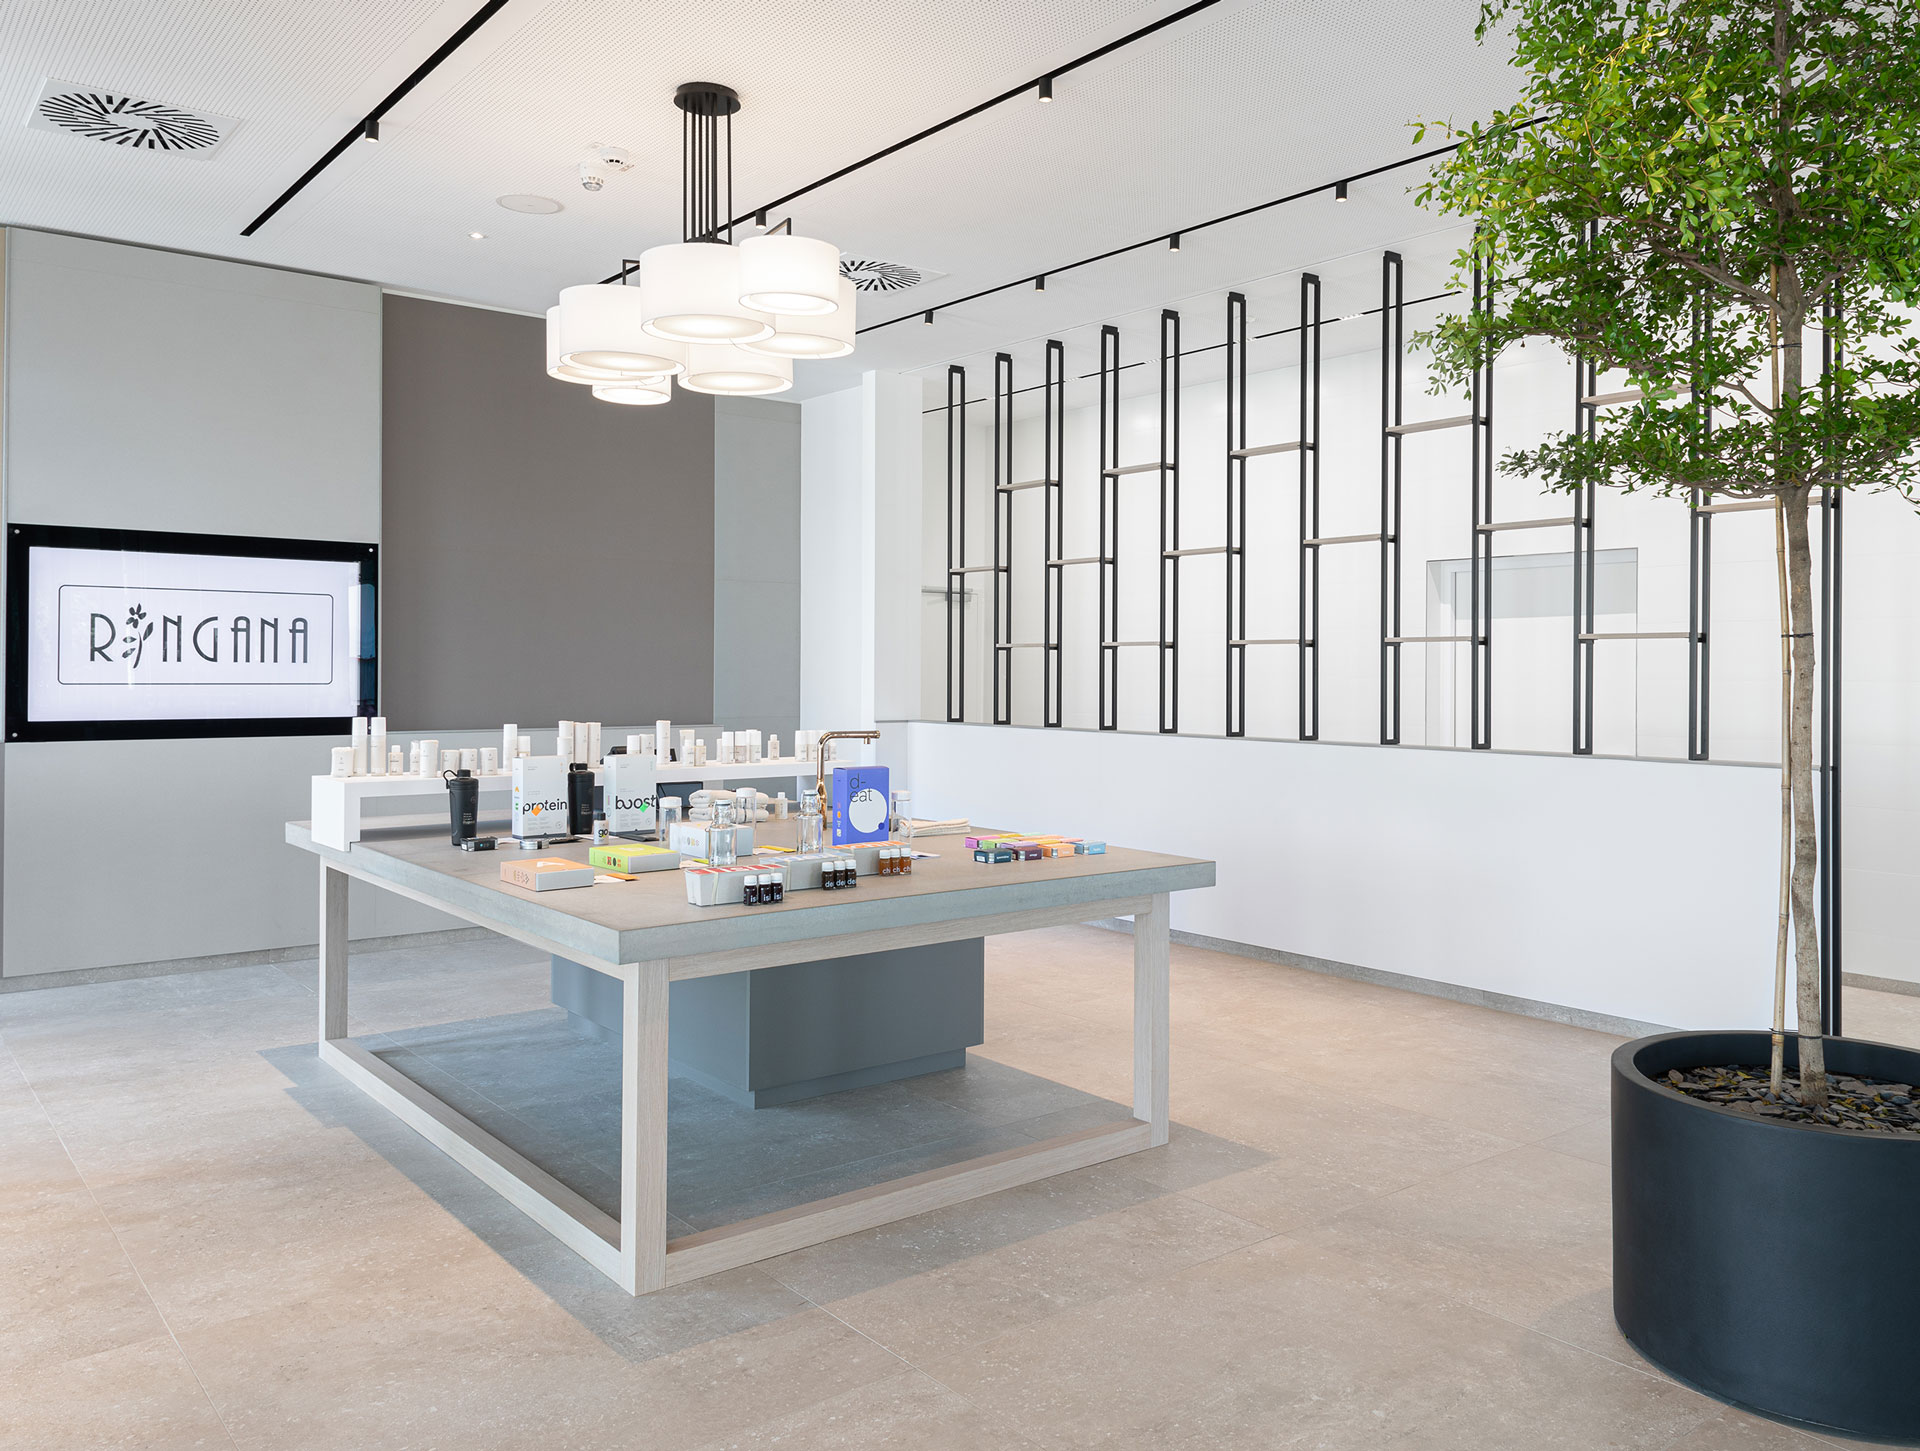 Ringana, interior design, design, innenarchitektur, shop design, präsentationstisch, designed von studio thörnblom